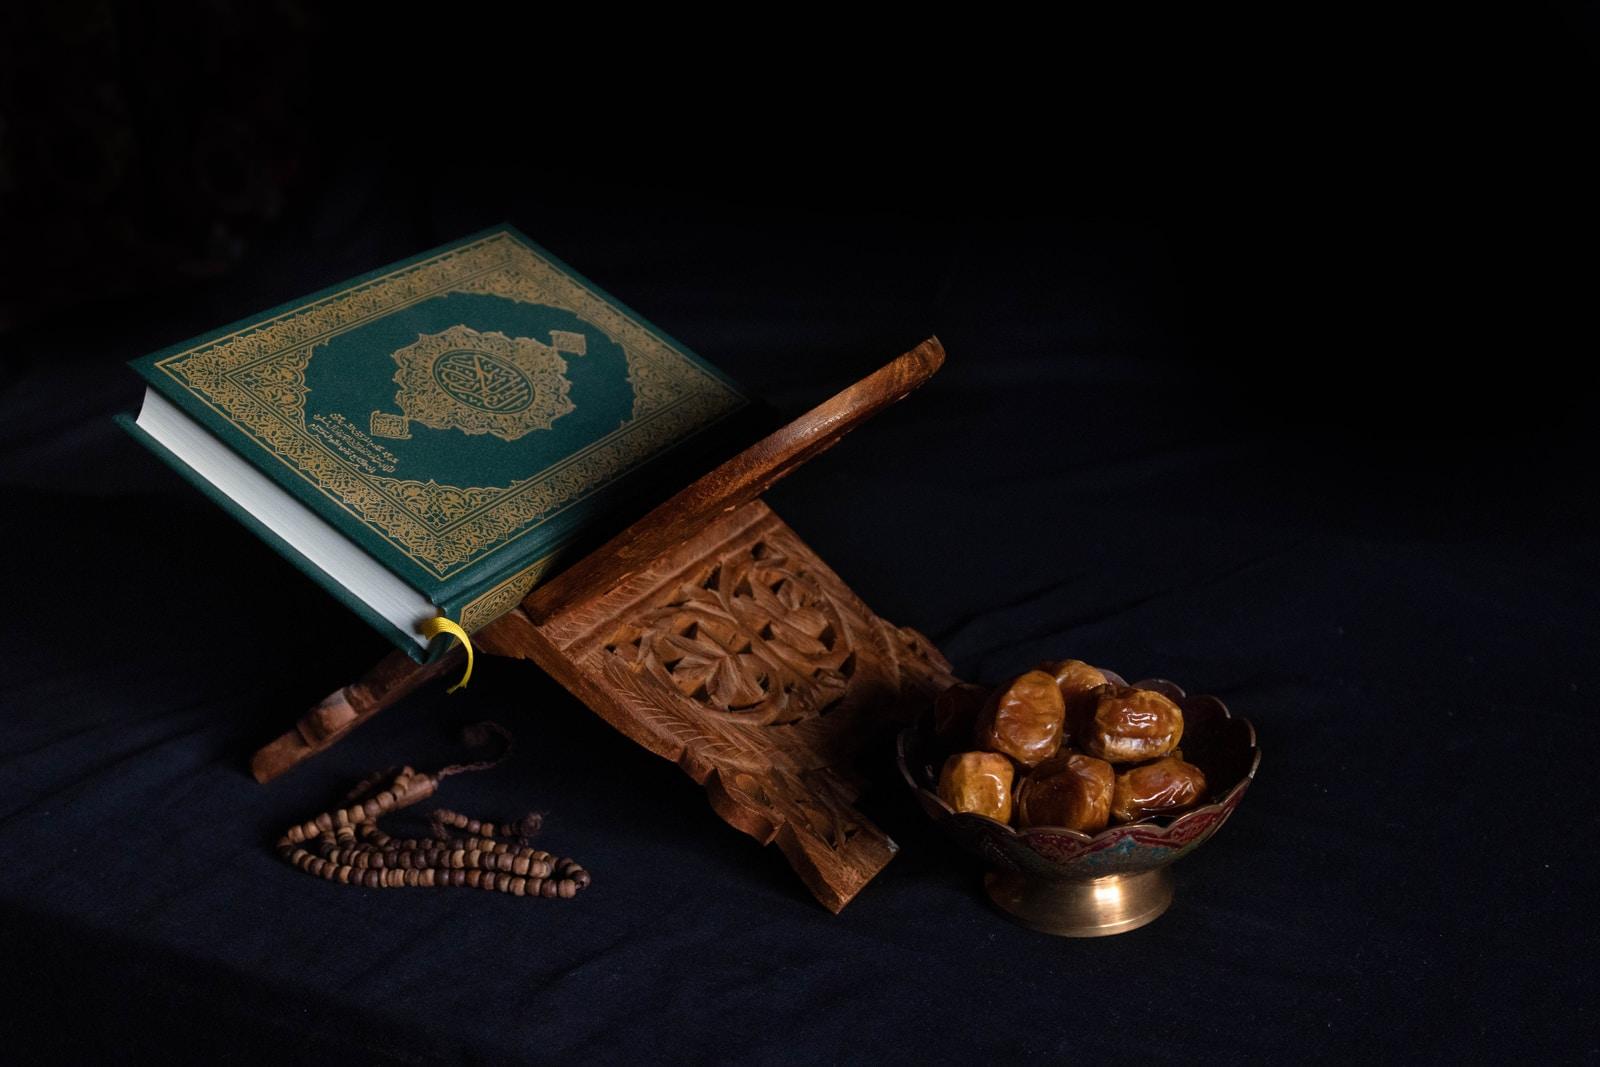 blue book beside brown wooden stick